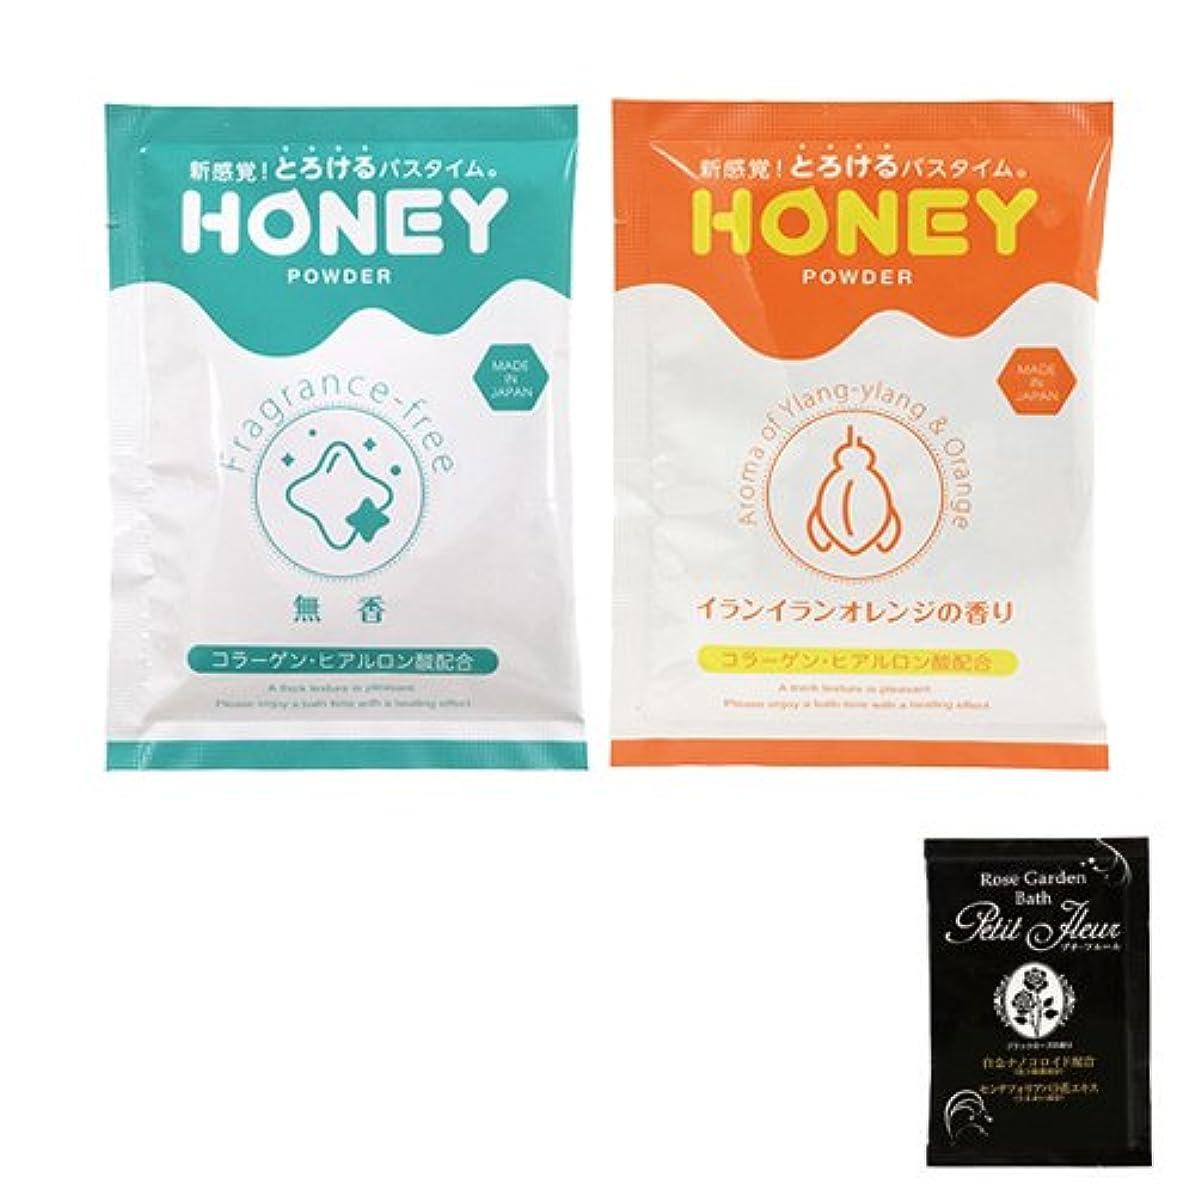 製造命題磁気とろとろ入浴剤【honey powder】粉末タイプ イランイランオレンジの香り + 無香 + 入浴剤(プチフルール)1回分